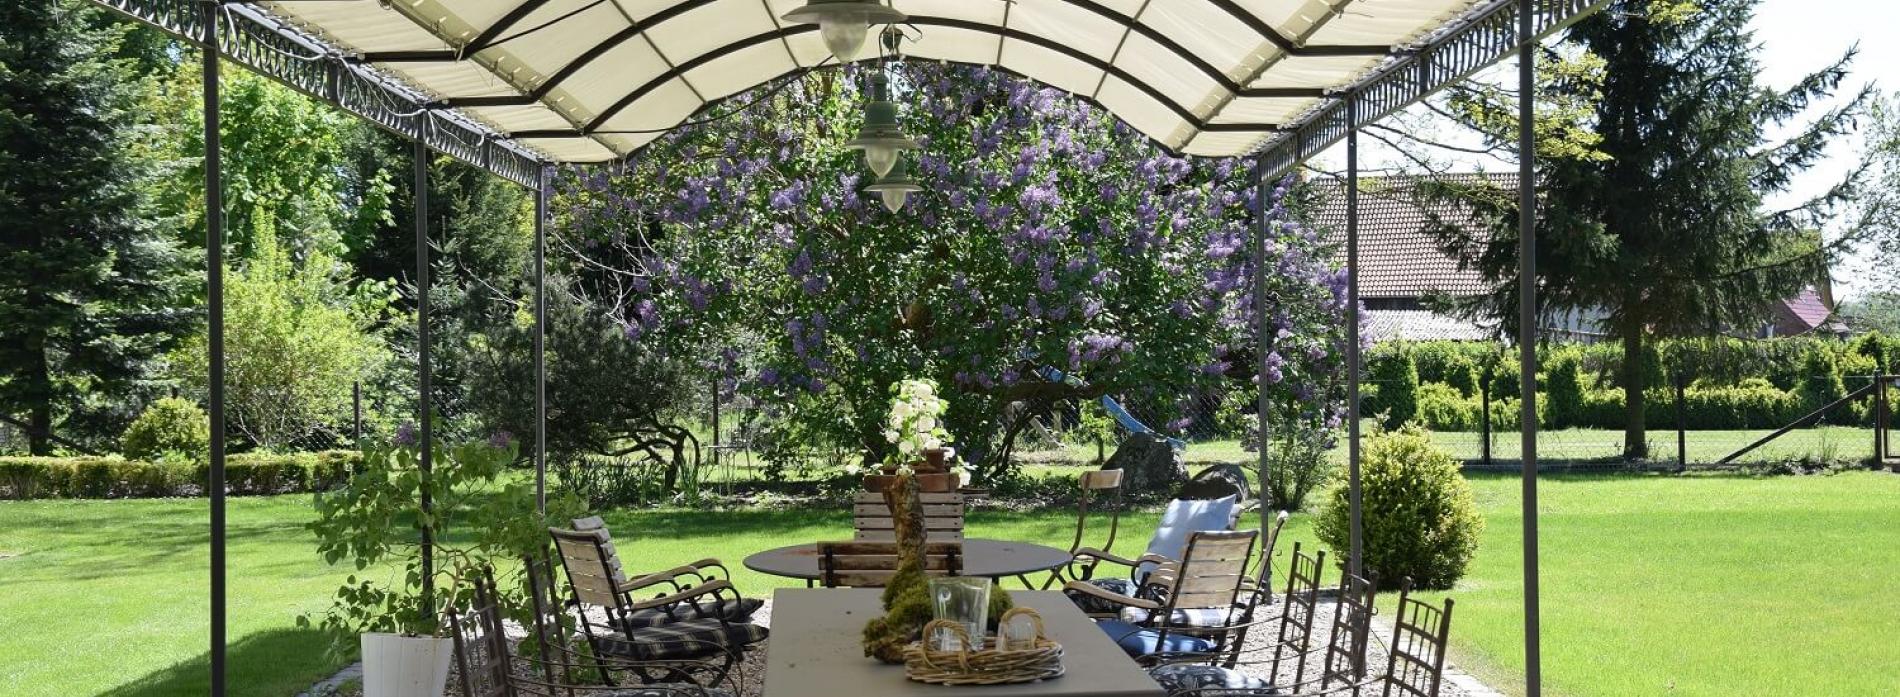 Gutshaus Volzrade Tisch Pergola Garten